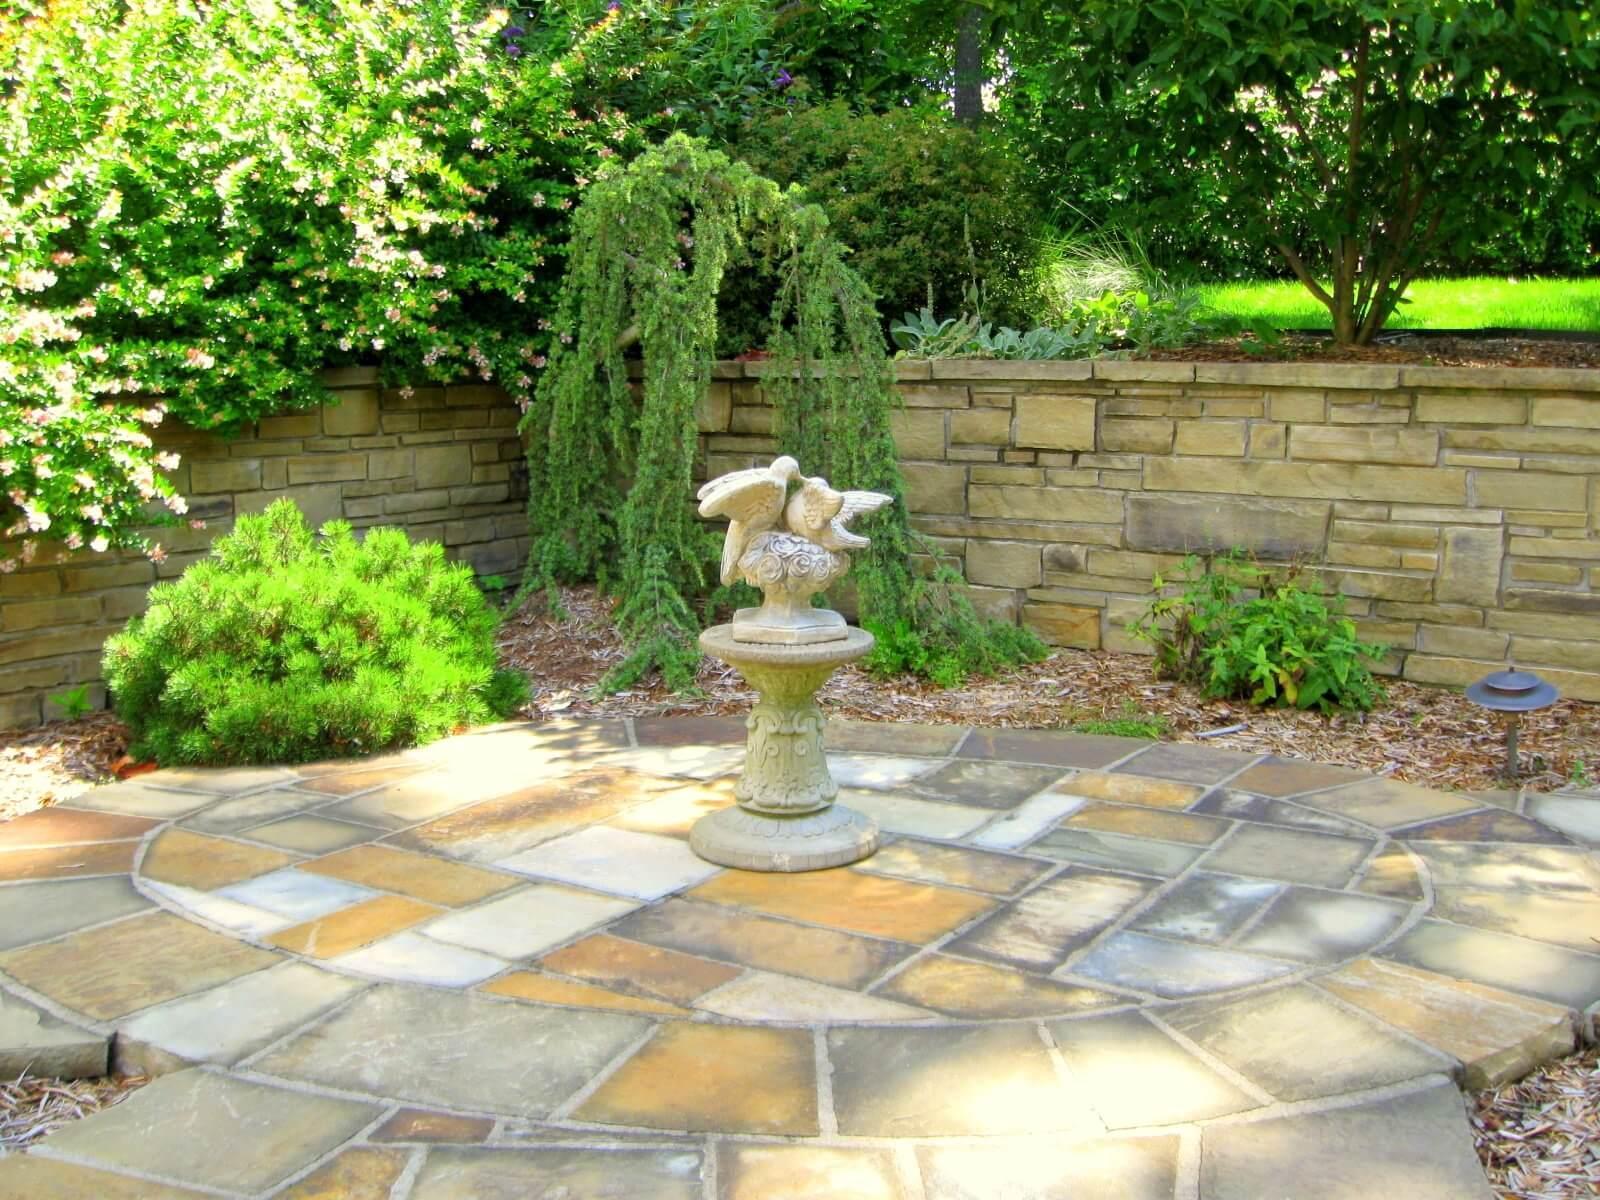 huntington figure garden design architecture missouri arkansas